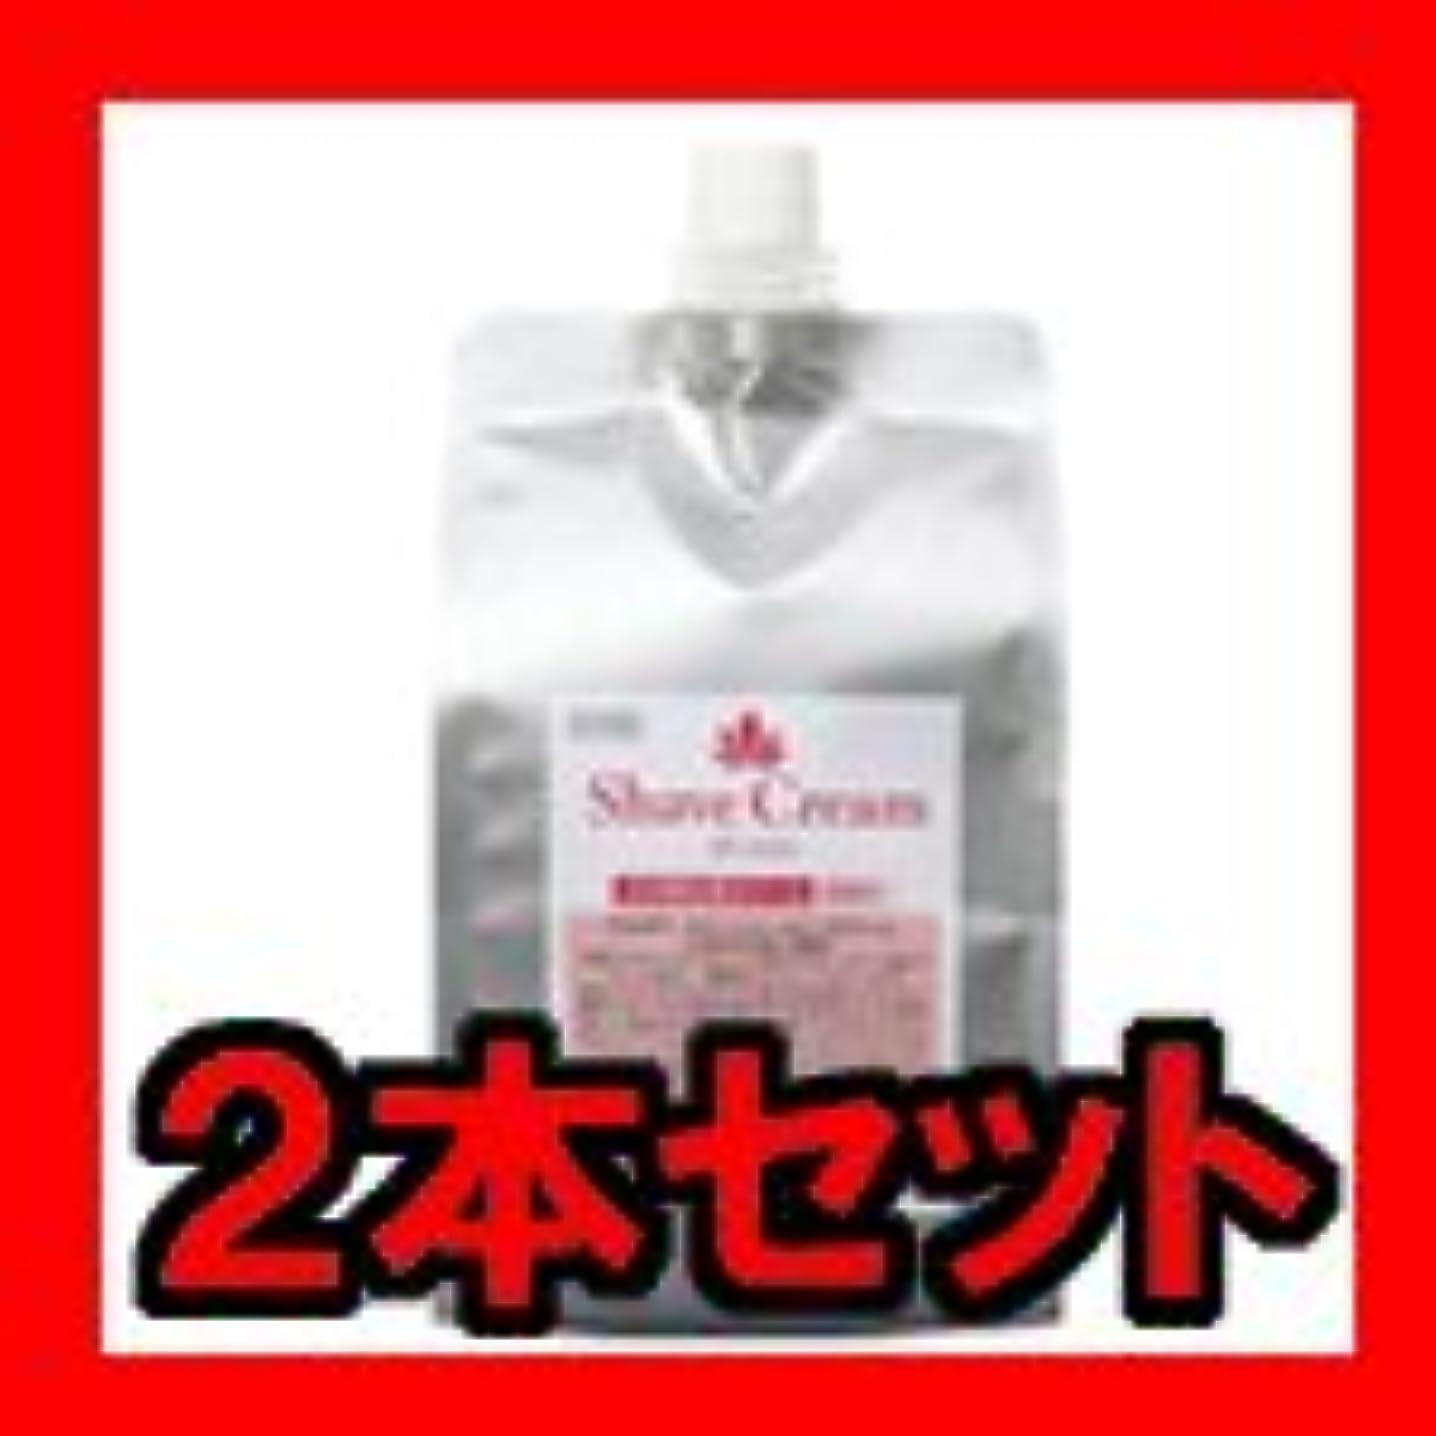 勝つフォーマル液化するクラシエ スキニッシュ シェーブクリーム 1000ml ×2本セット